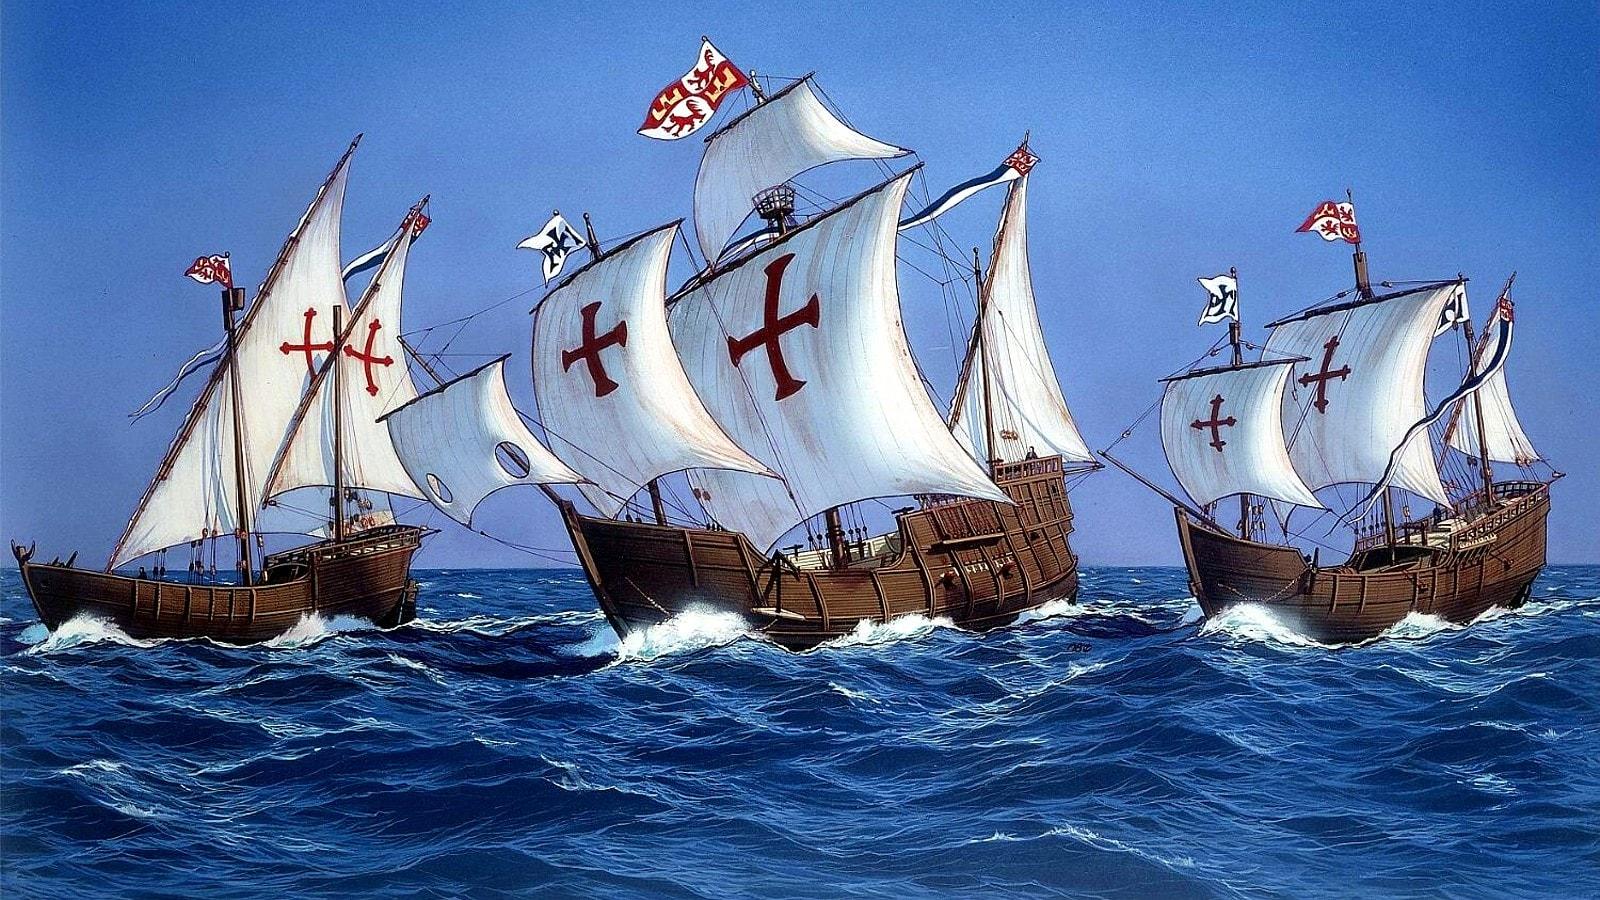 Tumba de cristobal col n tumbas de famosos for Todo sobre barcos